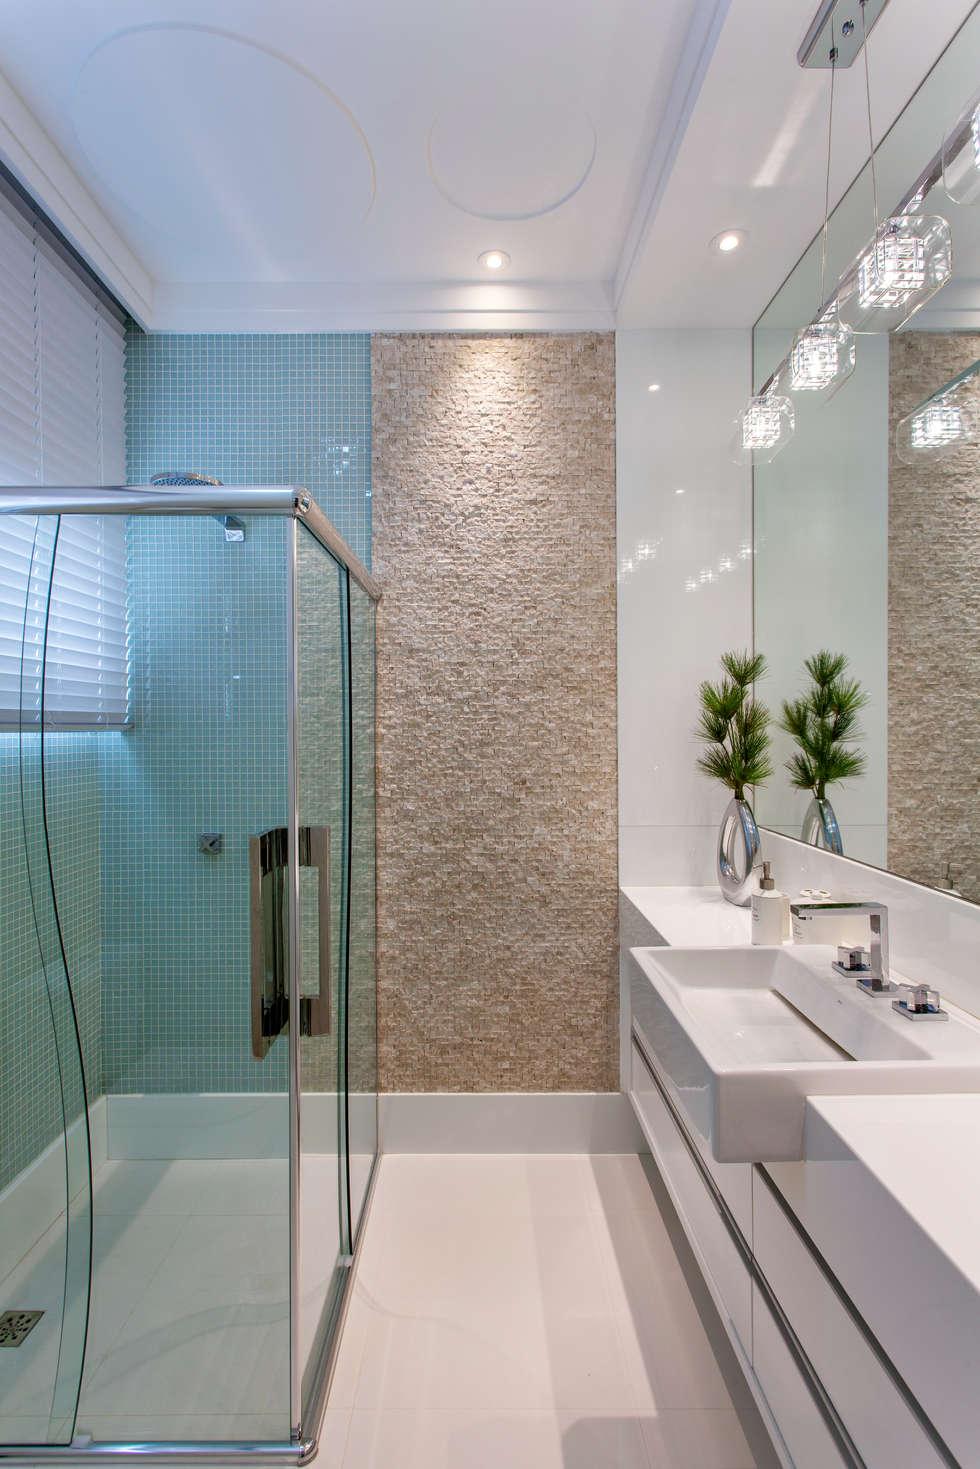 Fotos de decora o design de interiores e reformas homify for Casa artigiana piani 3 box auto